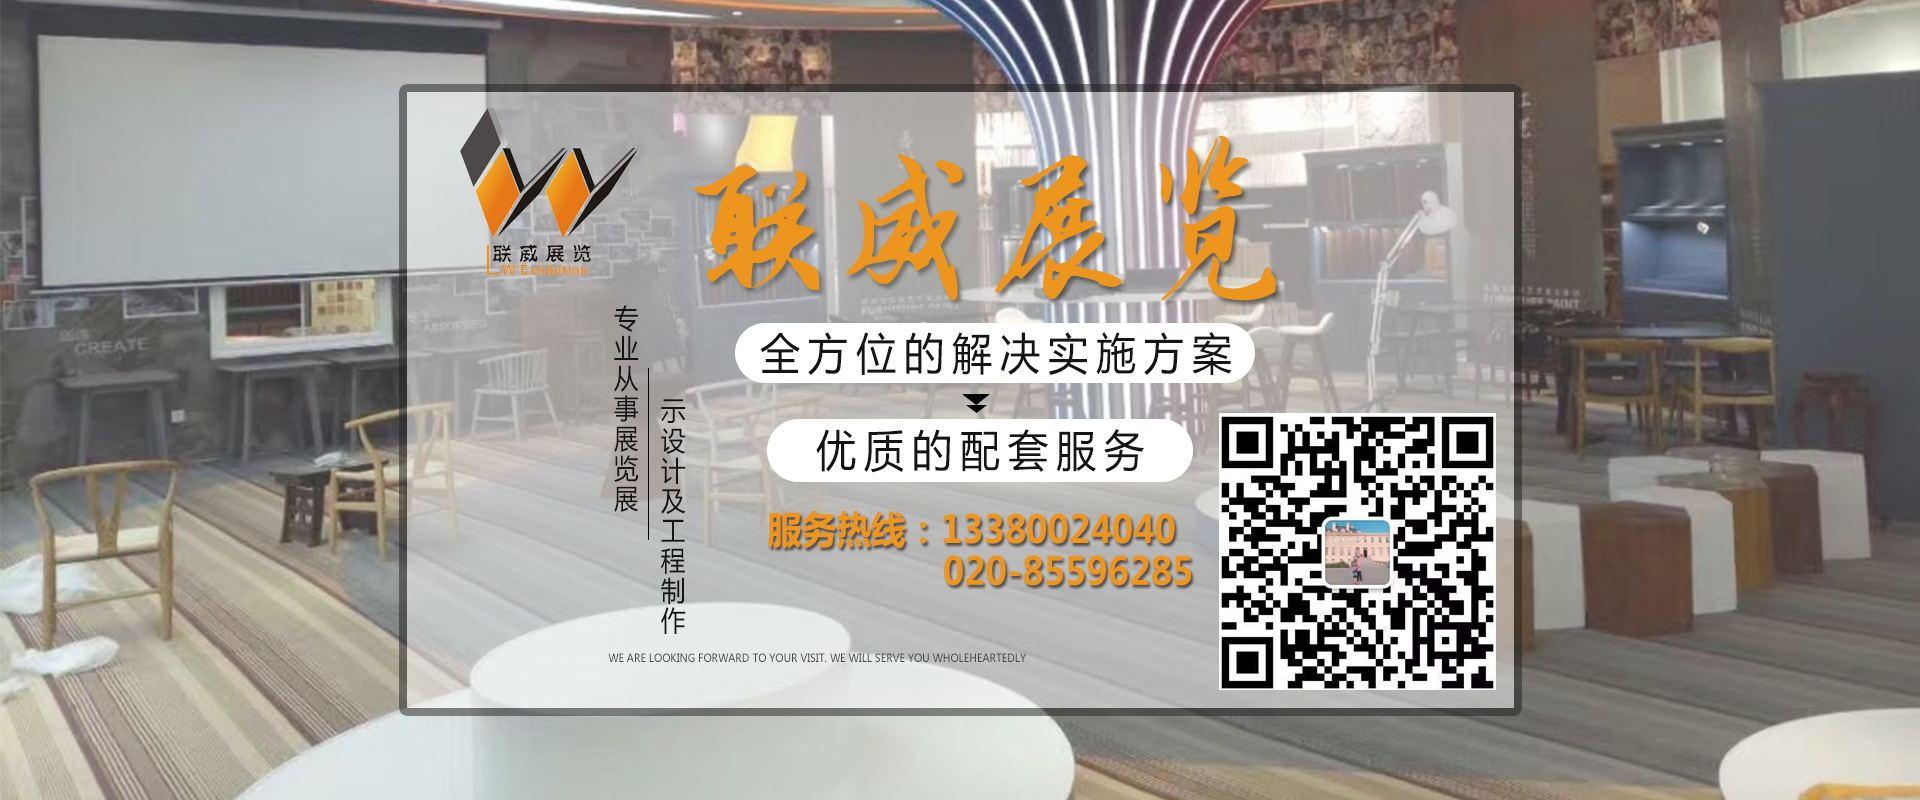 广州展台设计首选展览工程,18年专业展台设计制作经验,一流的设计团队和专业施工队伍,为您量身定制,价格费用服务同级别最低